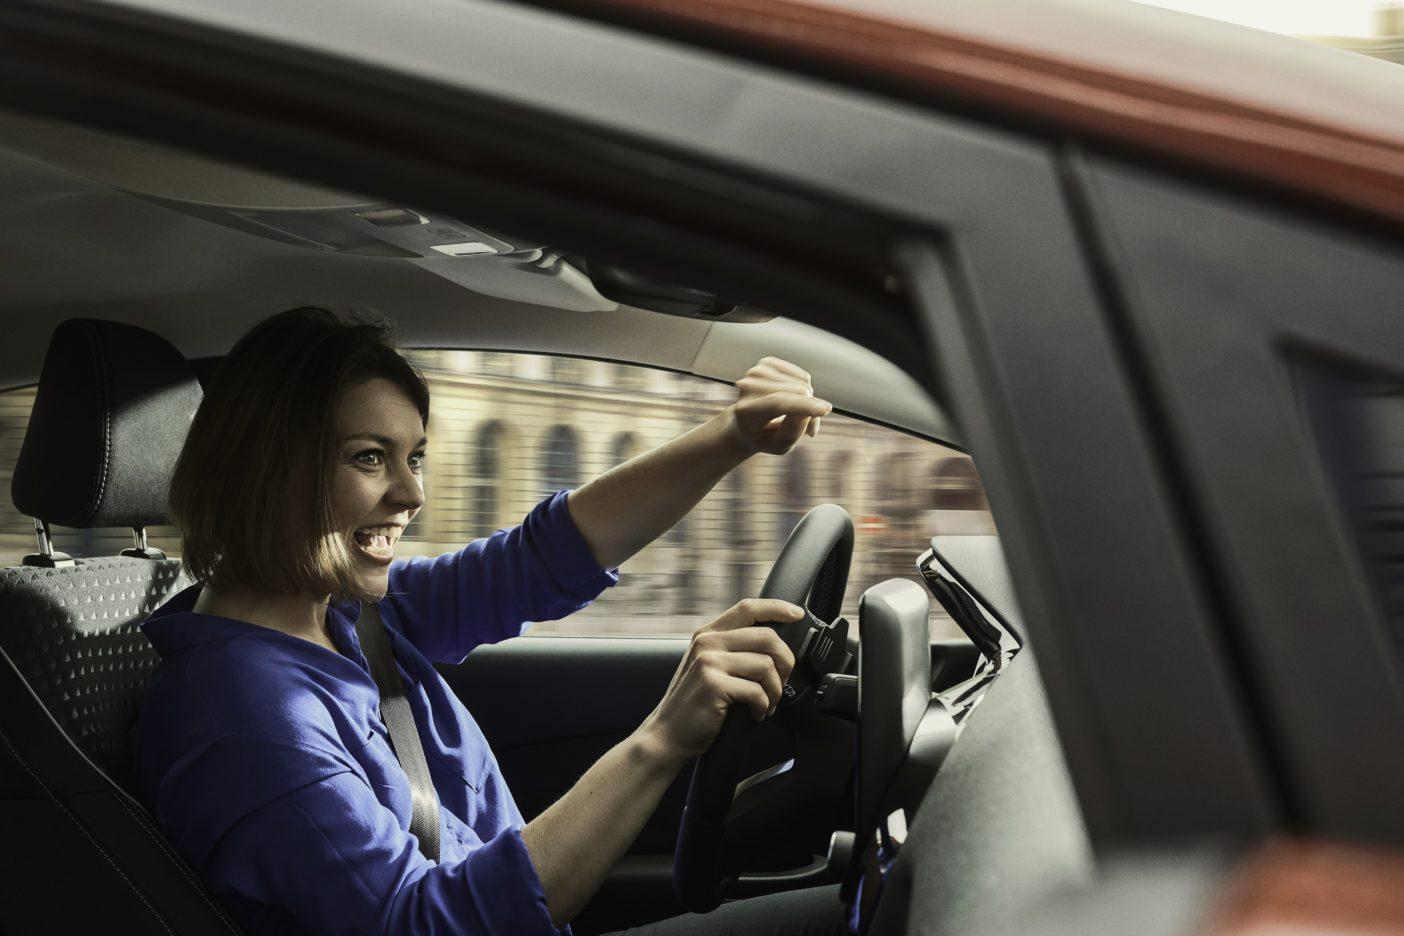 """Um die Klangqualität der speziell für die neue Ford Fiesta-Baureihe kalibrierten Anlage sicherzustellen, hörten sich die Ingenieure im Verlauf eines Jahres mehr als 5.000 Songs an. """"Für viele Menschen ist die Musik, die sie unterwegs im Auto hören, ein fundamentaler Bestandteil ihrer Reise, sozusagen der Soundtrack zu ihrem persönlichen Road-Movie"""", sagt Marcel Breker, Spezialist für Soundsysteme, Ford of Europe. """"Beim neuen Ford Fiesta bietet das B&O PLAY Sound-System eine außergewöhnlich hohe Klangqualität, und zwar unabhängig vom individuellen Musikgeschmack"""". Weiterer Text über ots und www.presseportal.de/nr/6955 / Die Verwendung dieses Bildes ist für redaktionelle Zwecke honorarfrei. Veröffentlichung bitte unter Quellenangabe: """"obs/Ford-Werke GmbH"""""""